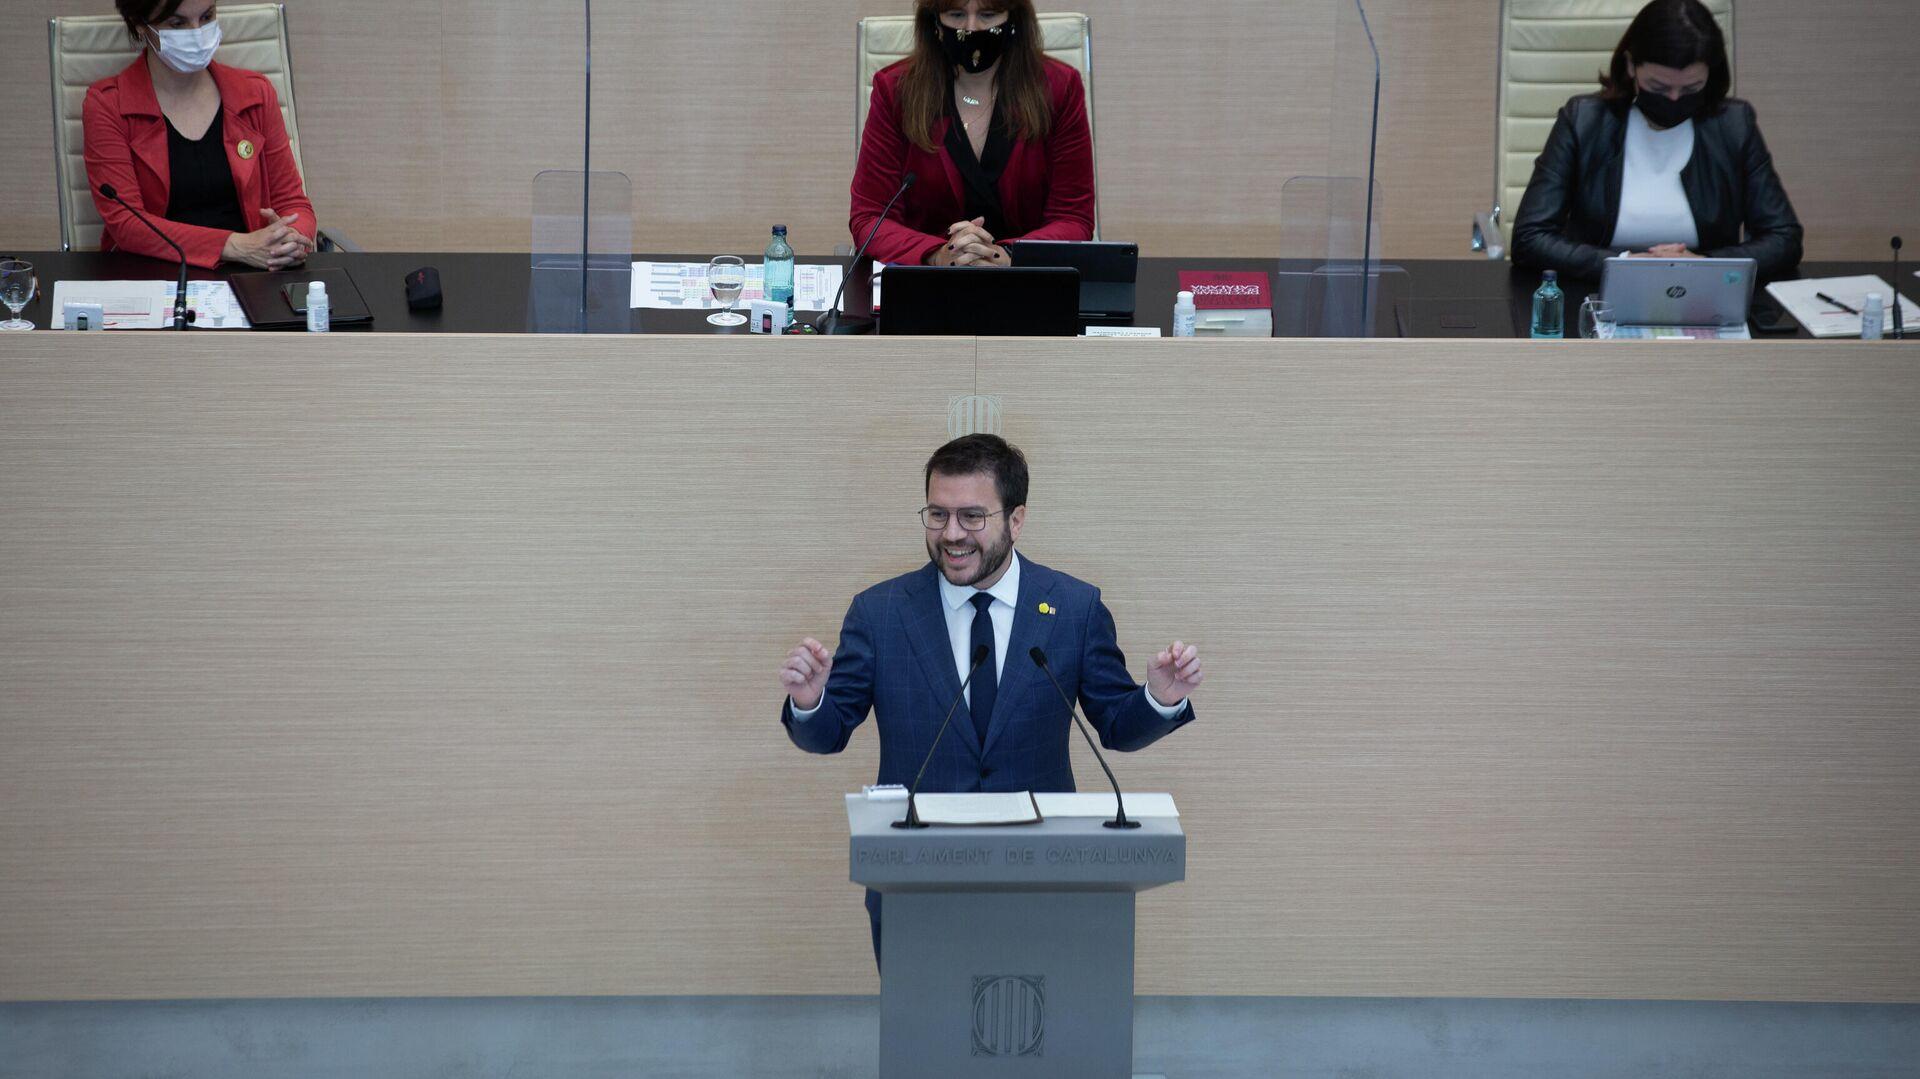 El vicepresidente de la Generalitat en funciones y candidato de ERC a la Presidencia, Pere Aragonès, en la segunda sesión del debate de investidura a la presidencia de la Generalitat de Catalunya - Sputnik Mundo, 1920, 30.03.2021